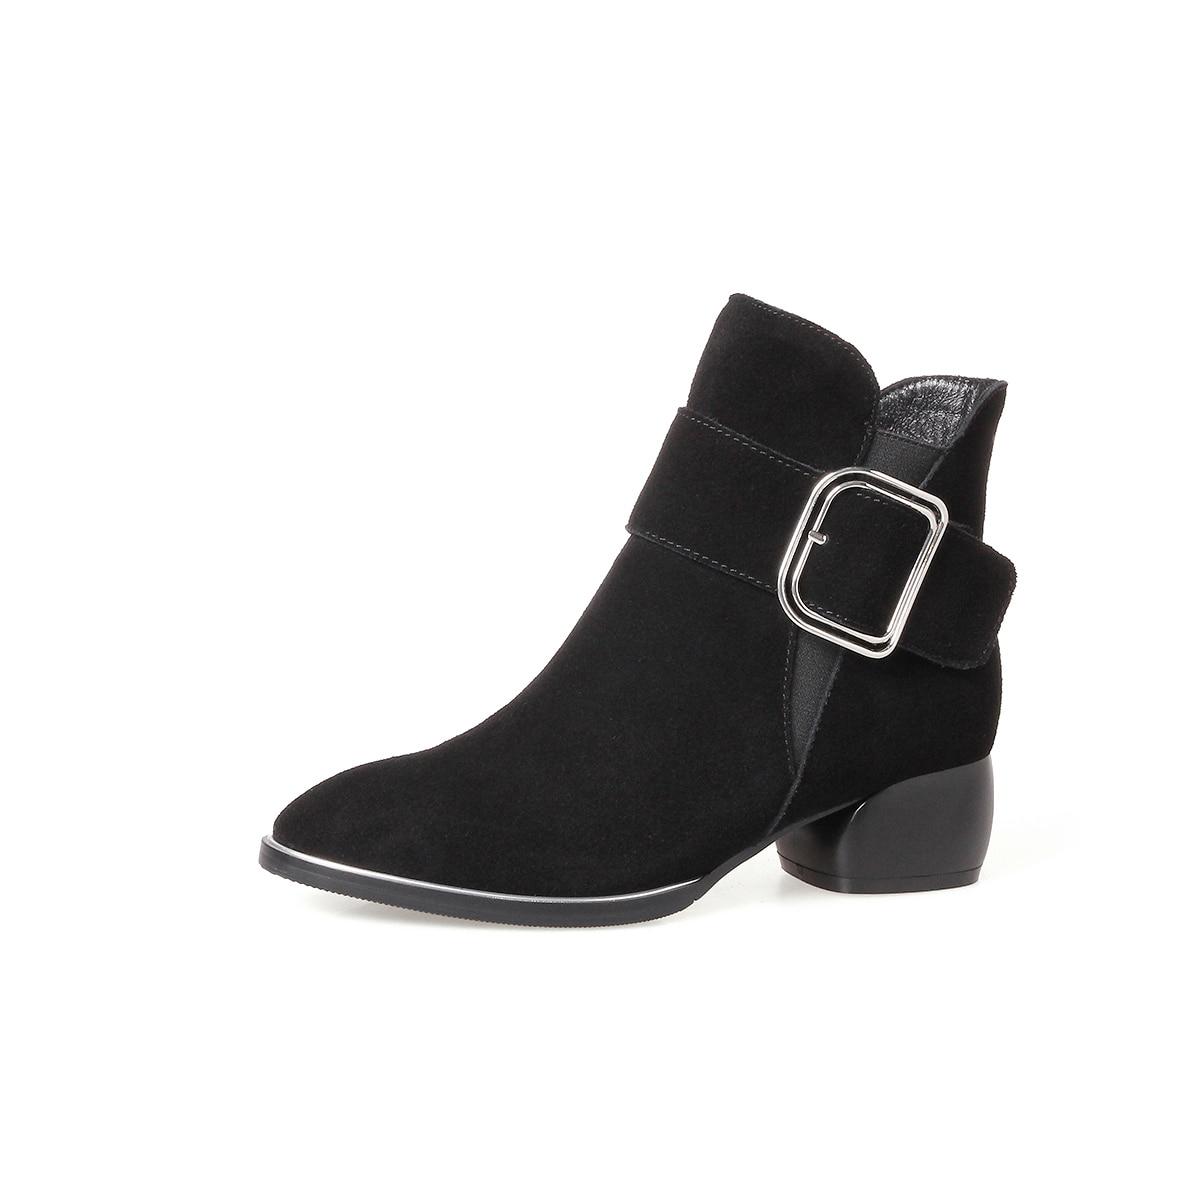 Zurriago Cuero Vintage Negro Tacón Para Mujeres Bajo Estilo Botas Zapatos marrón Nemaone De Auténtico Botines Mujer 2018 Calzado qwCAPPp